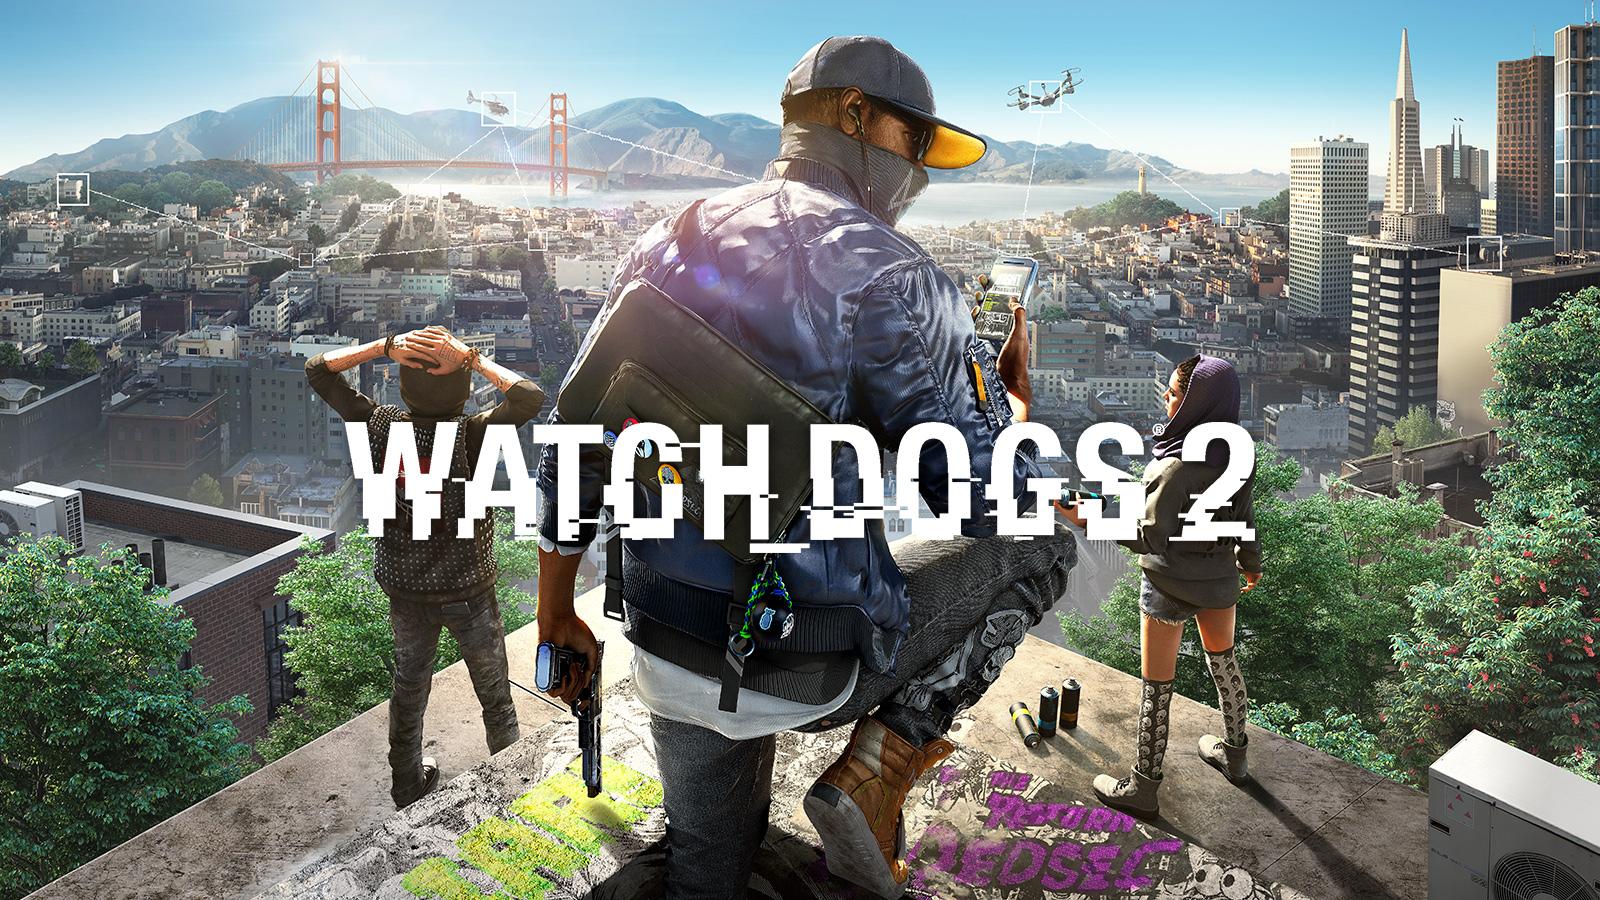 Watch Dogs 2, Sudah Tersedia Dalam Versi Bajakan?